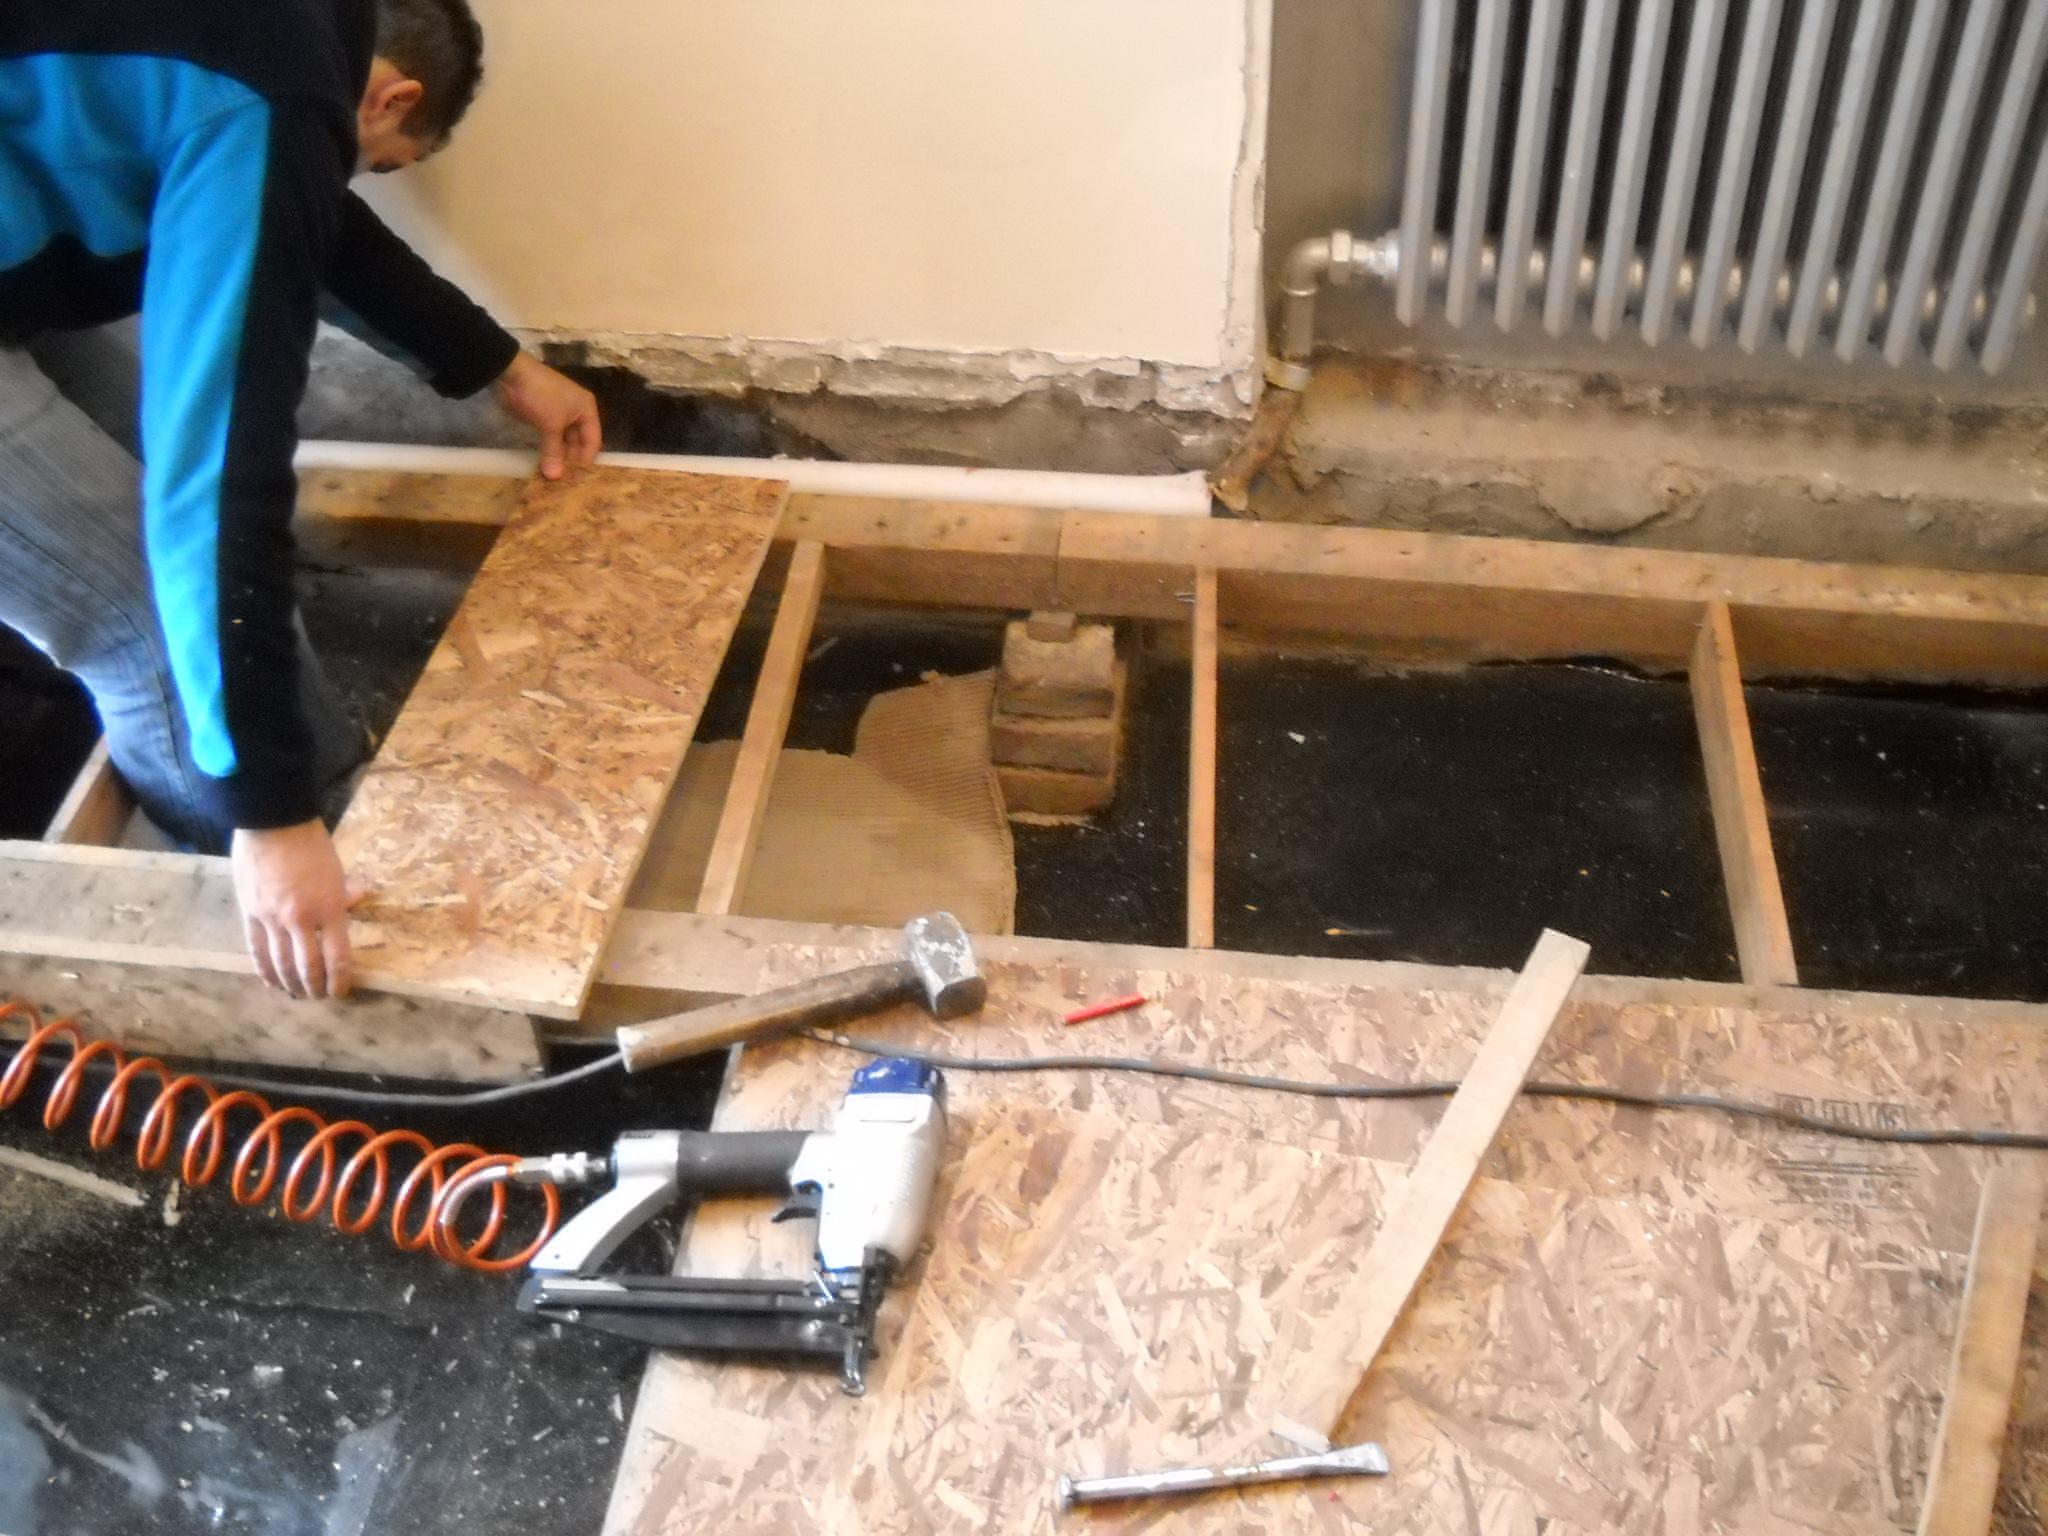 Como se pone parquet tipos de parquet de madera cuantas - Poner parquet en casa ...